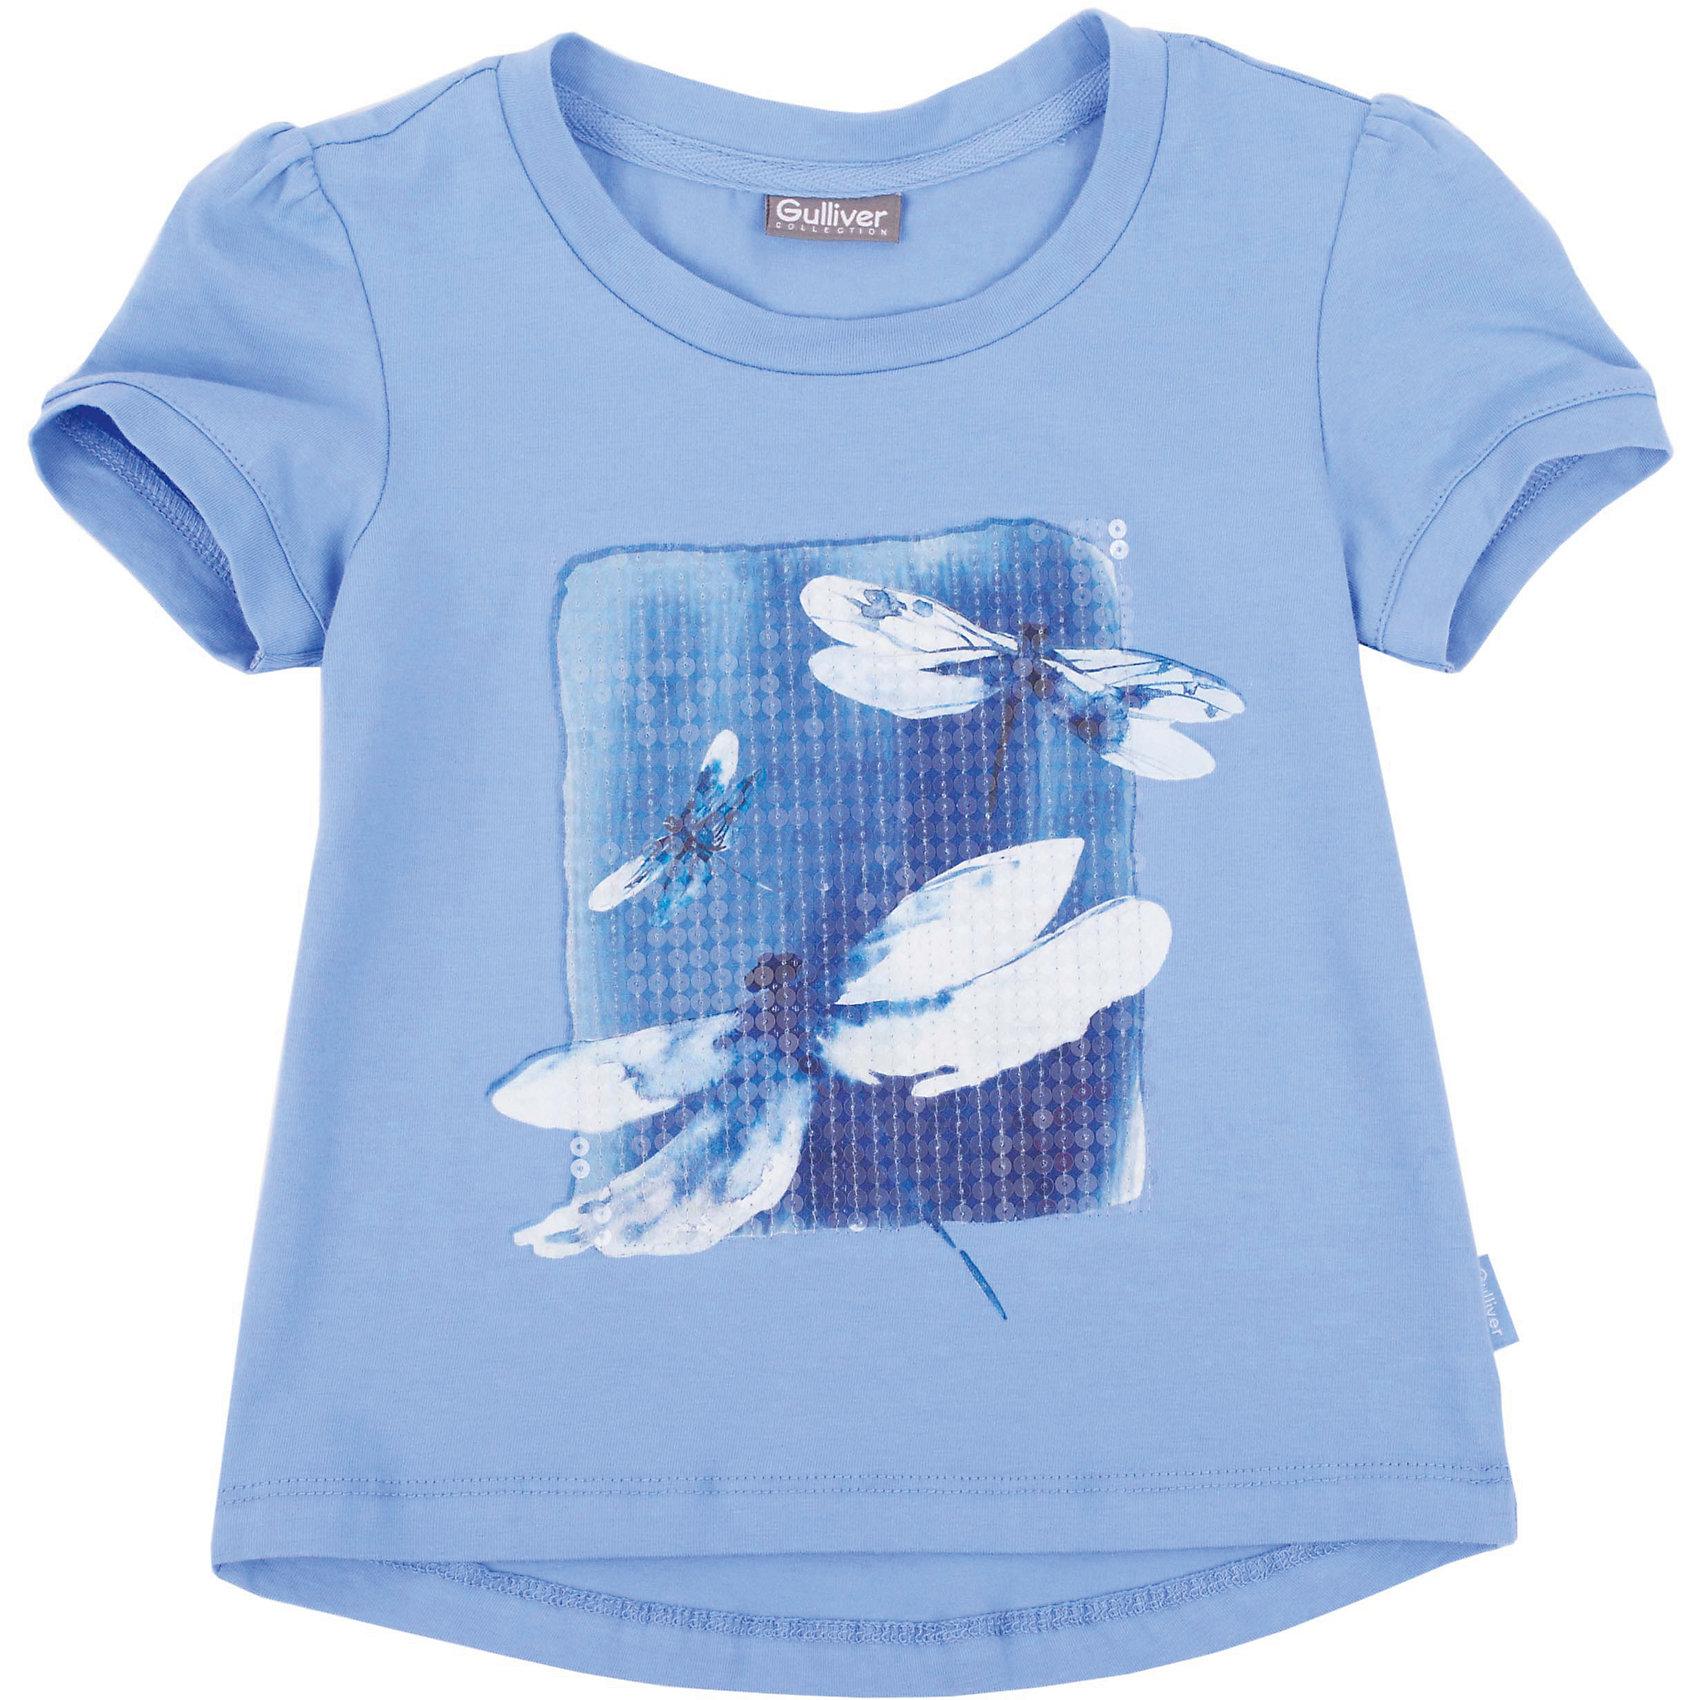 Gulliver Футболка для девочки Gulliver gulliver футболка для девочки gulliver